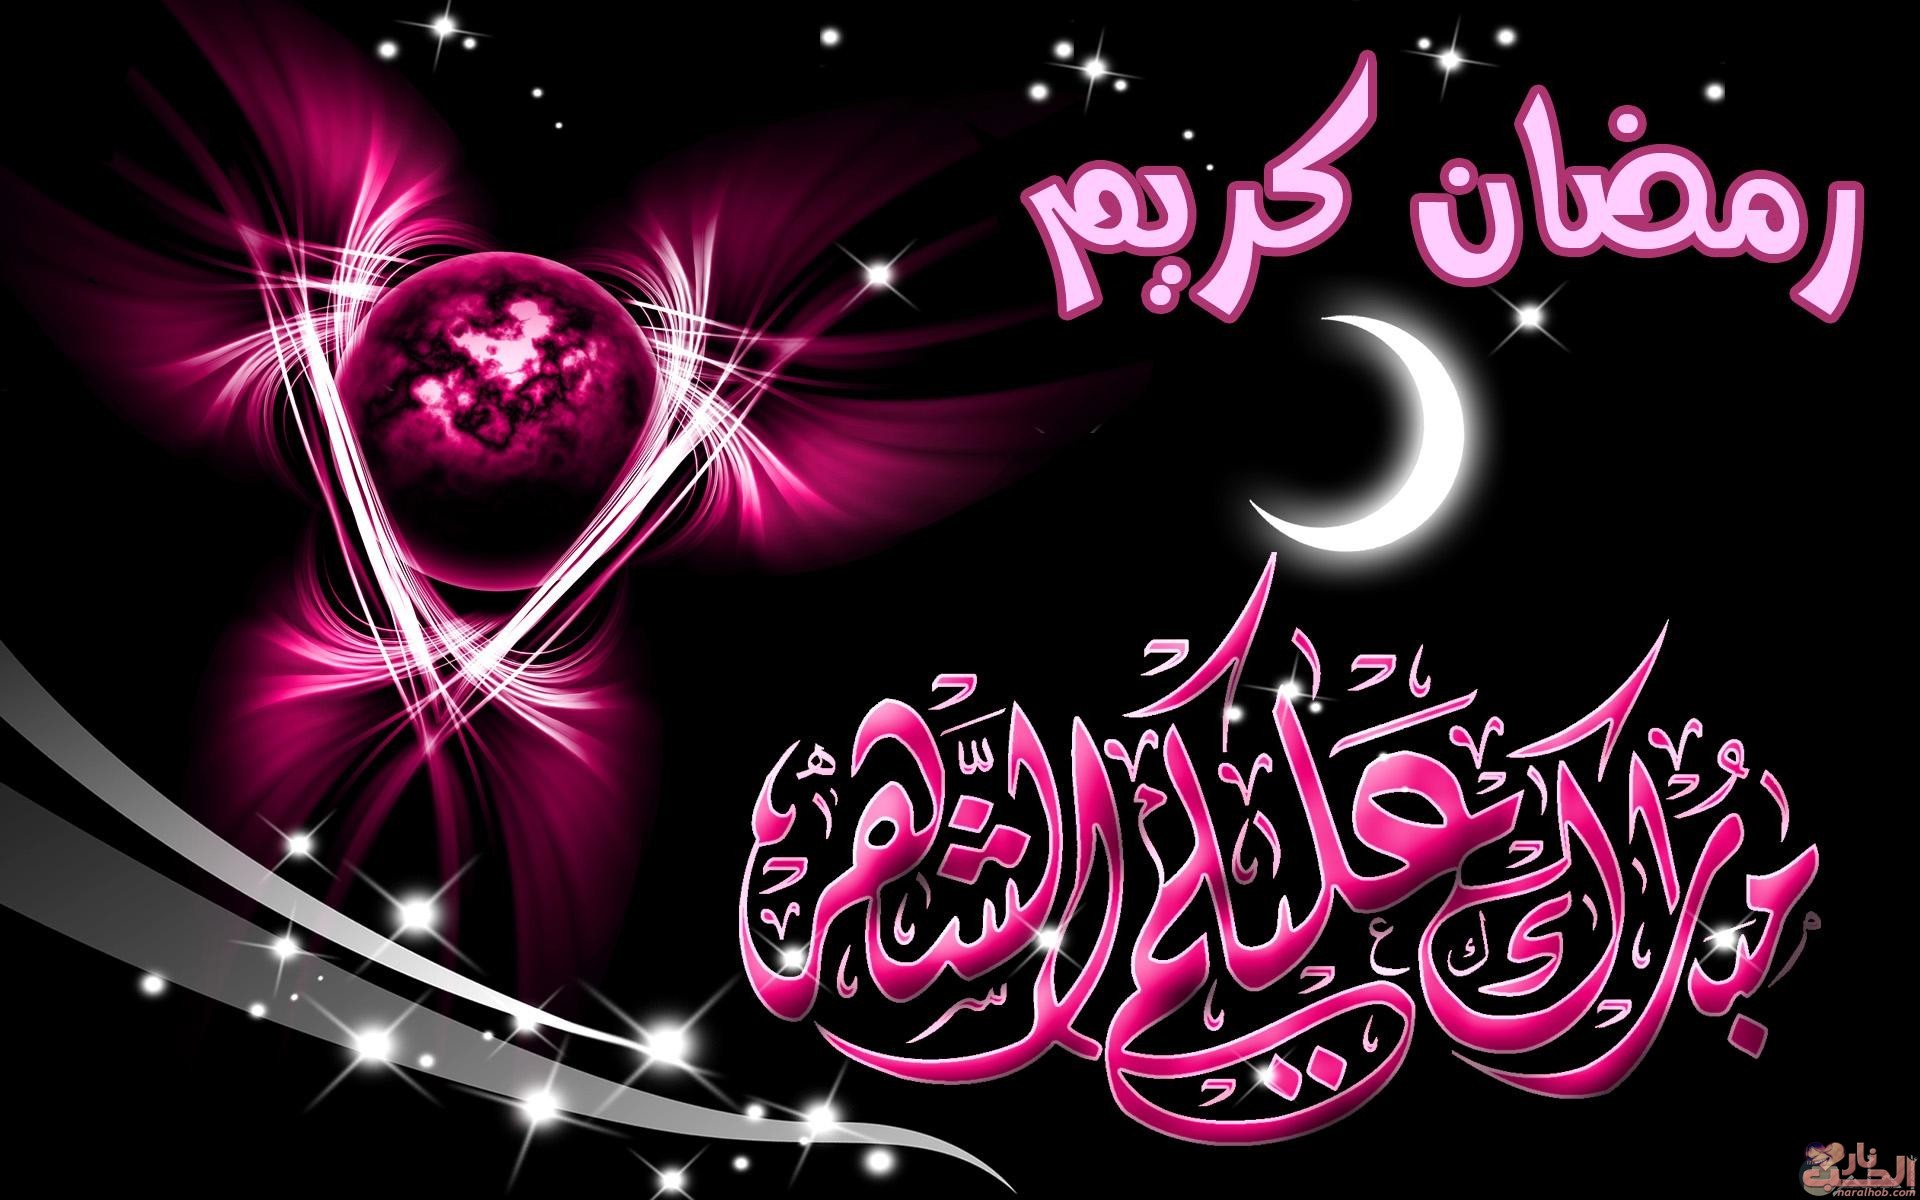 خلفيات رمضان متحركة 2020 اجمل خلفيات متحركه عن الشهر الكريم